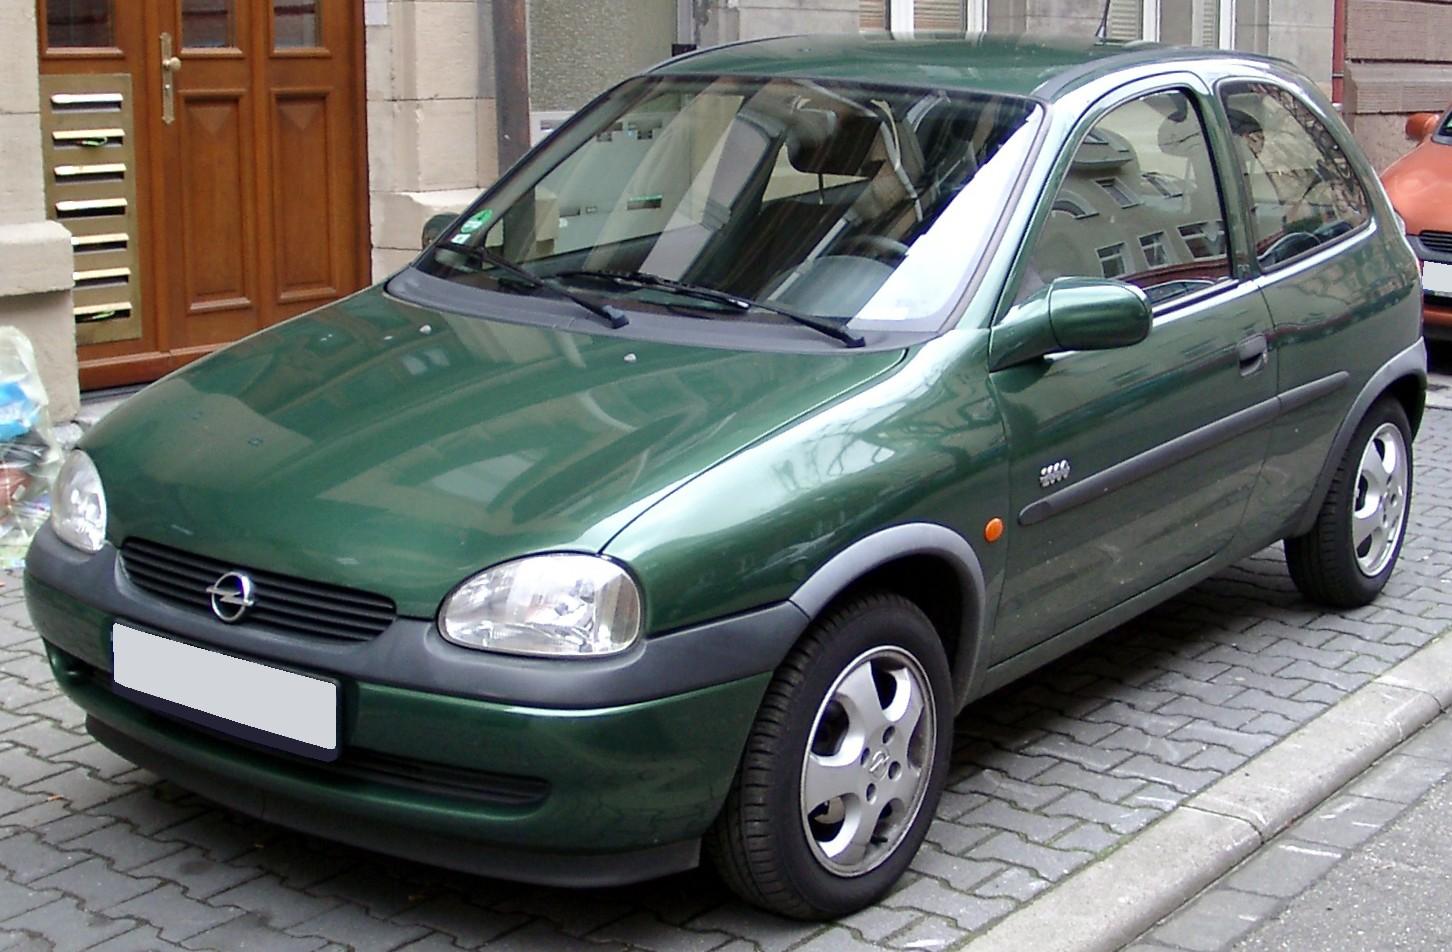 auf Basis des Konzepts Opel Junior, das bereits 1983 vorgestellt wurde.